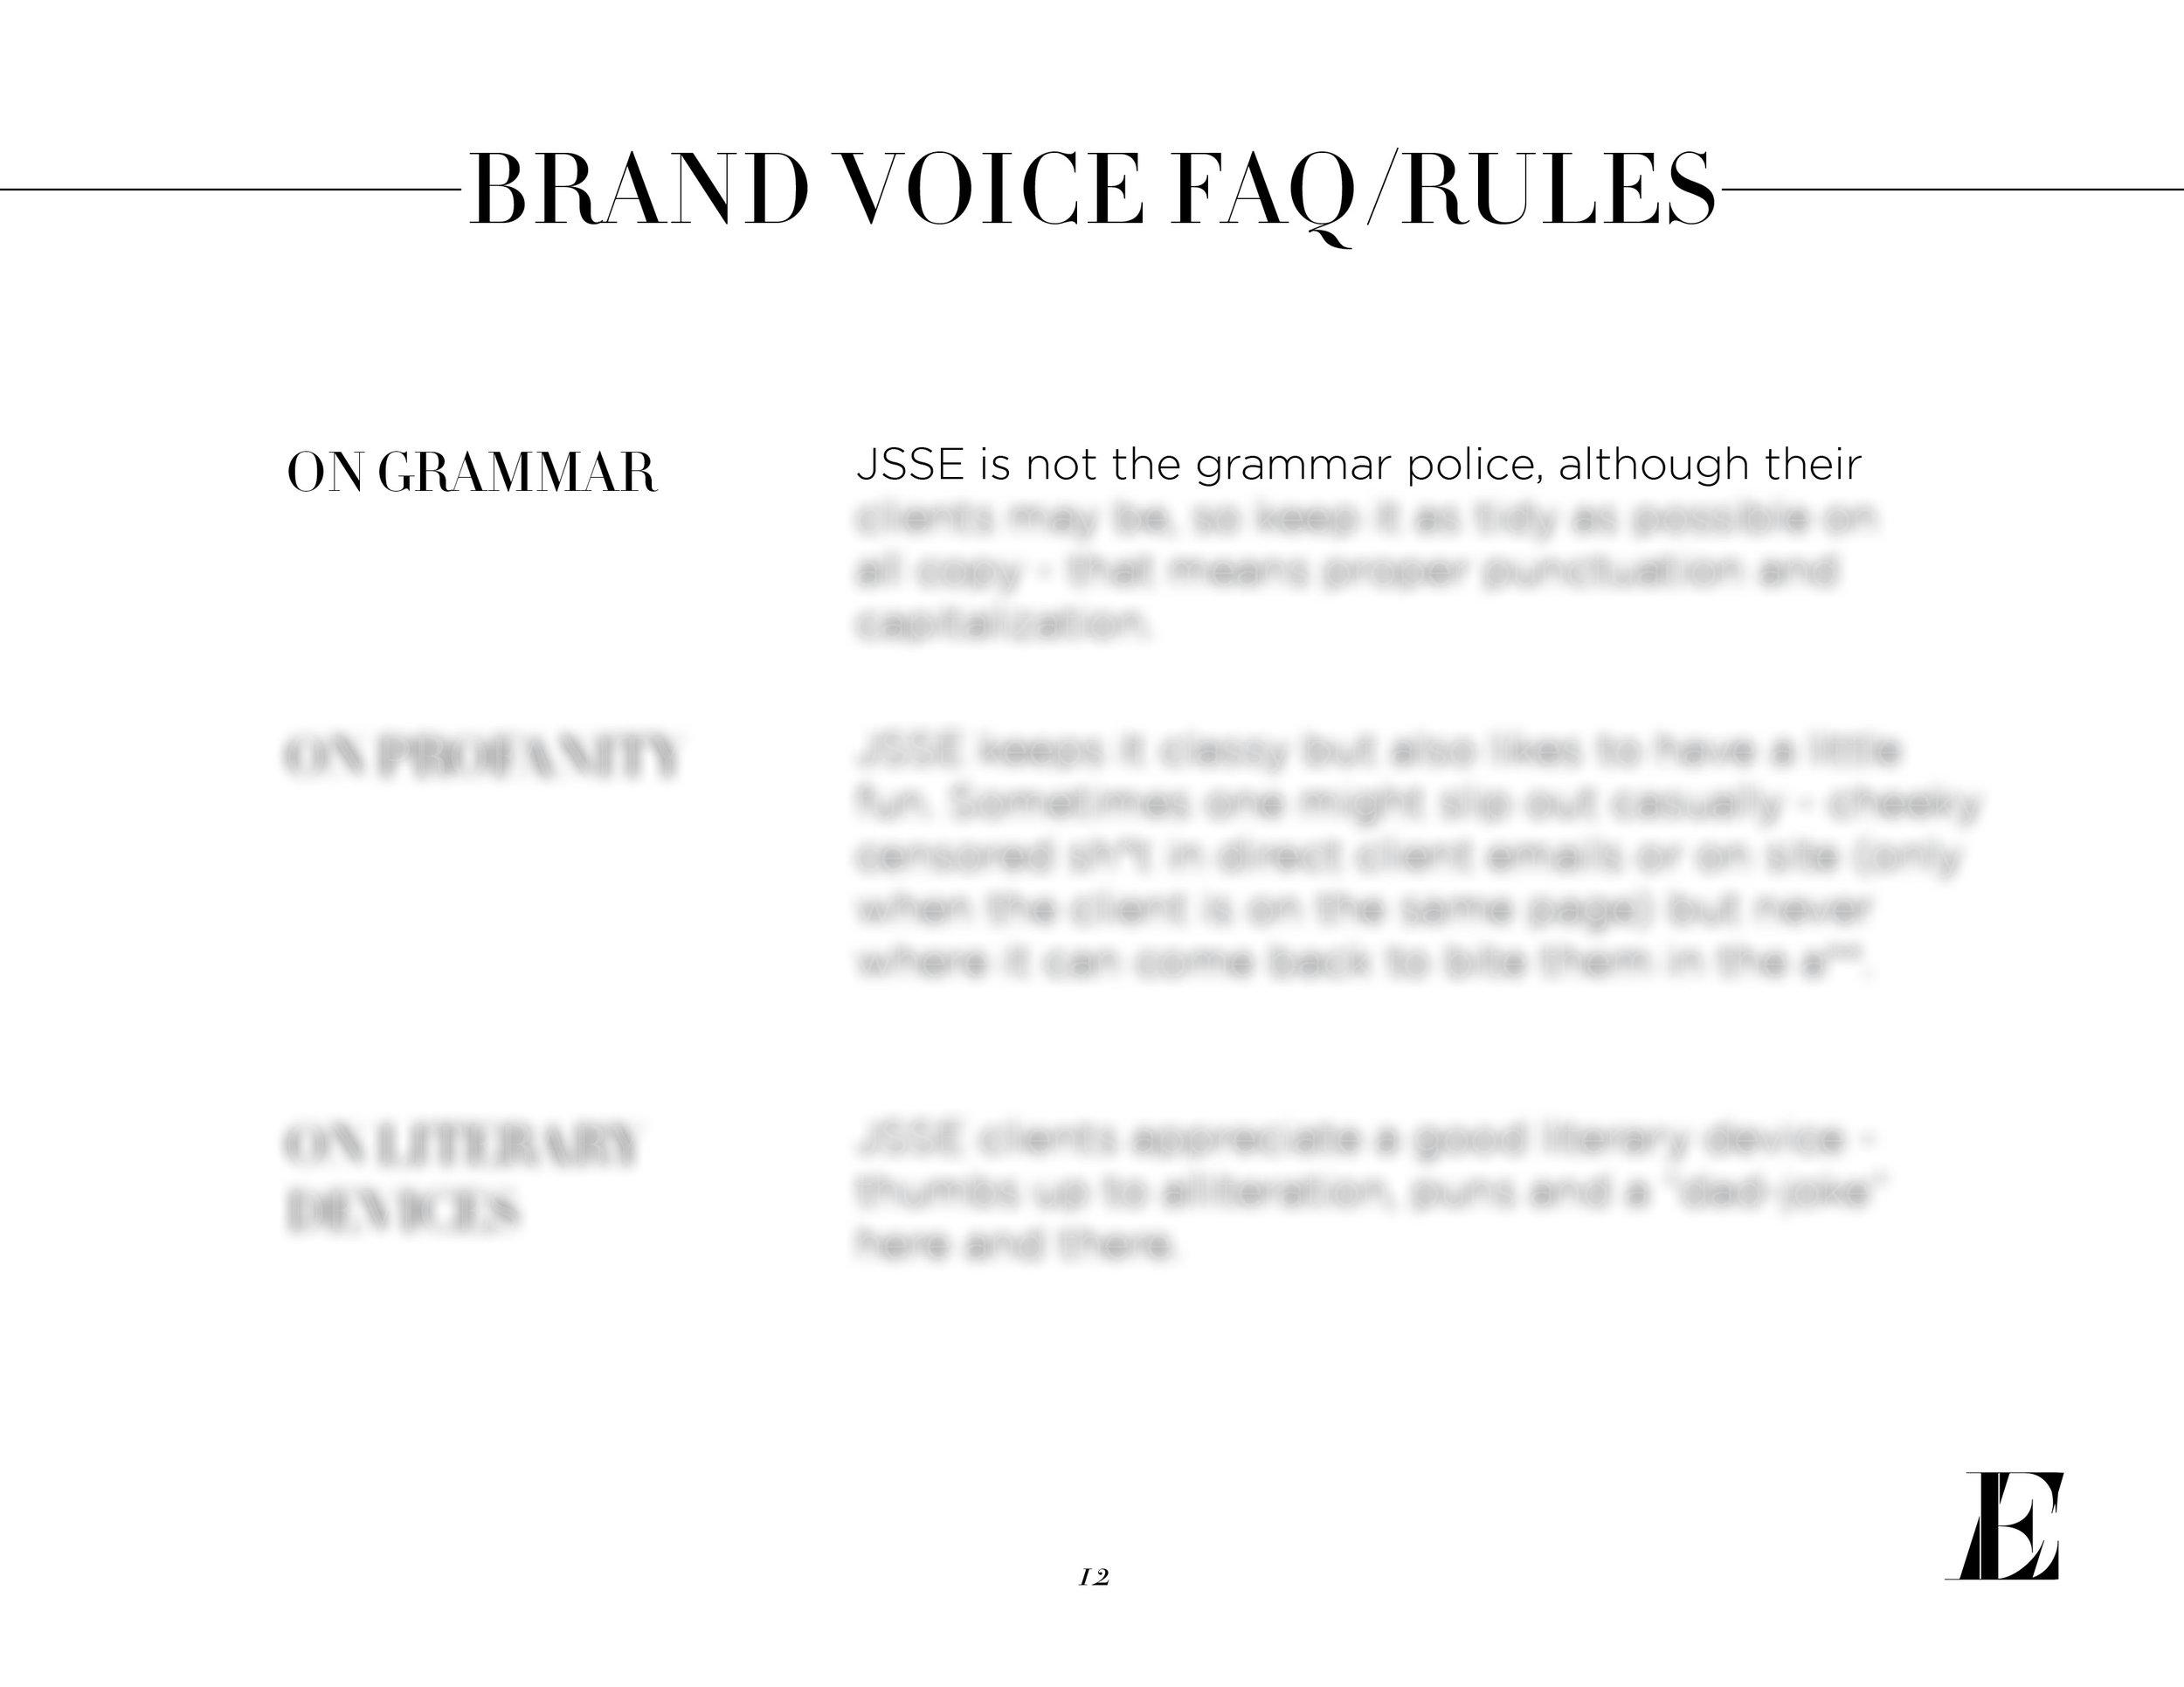 EE_BrandVoiceGuide_SampleJSSE_Blurred12.jpg